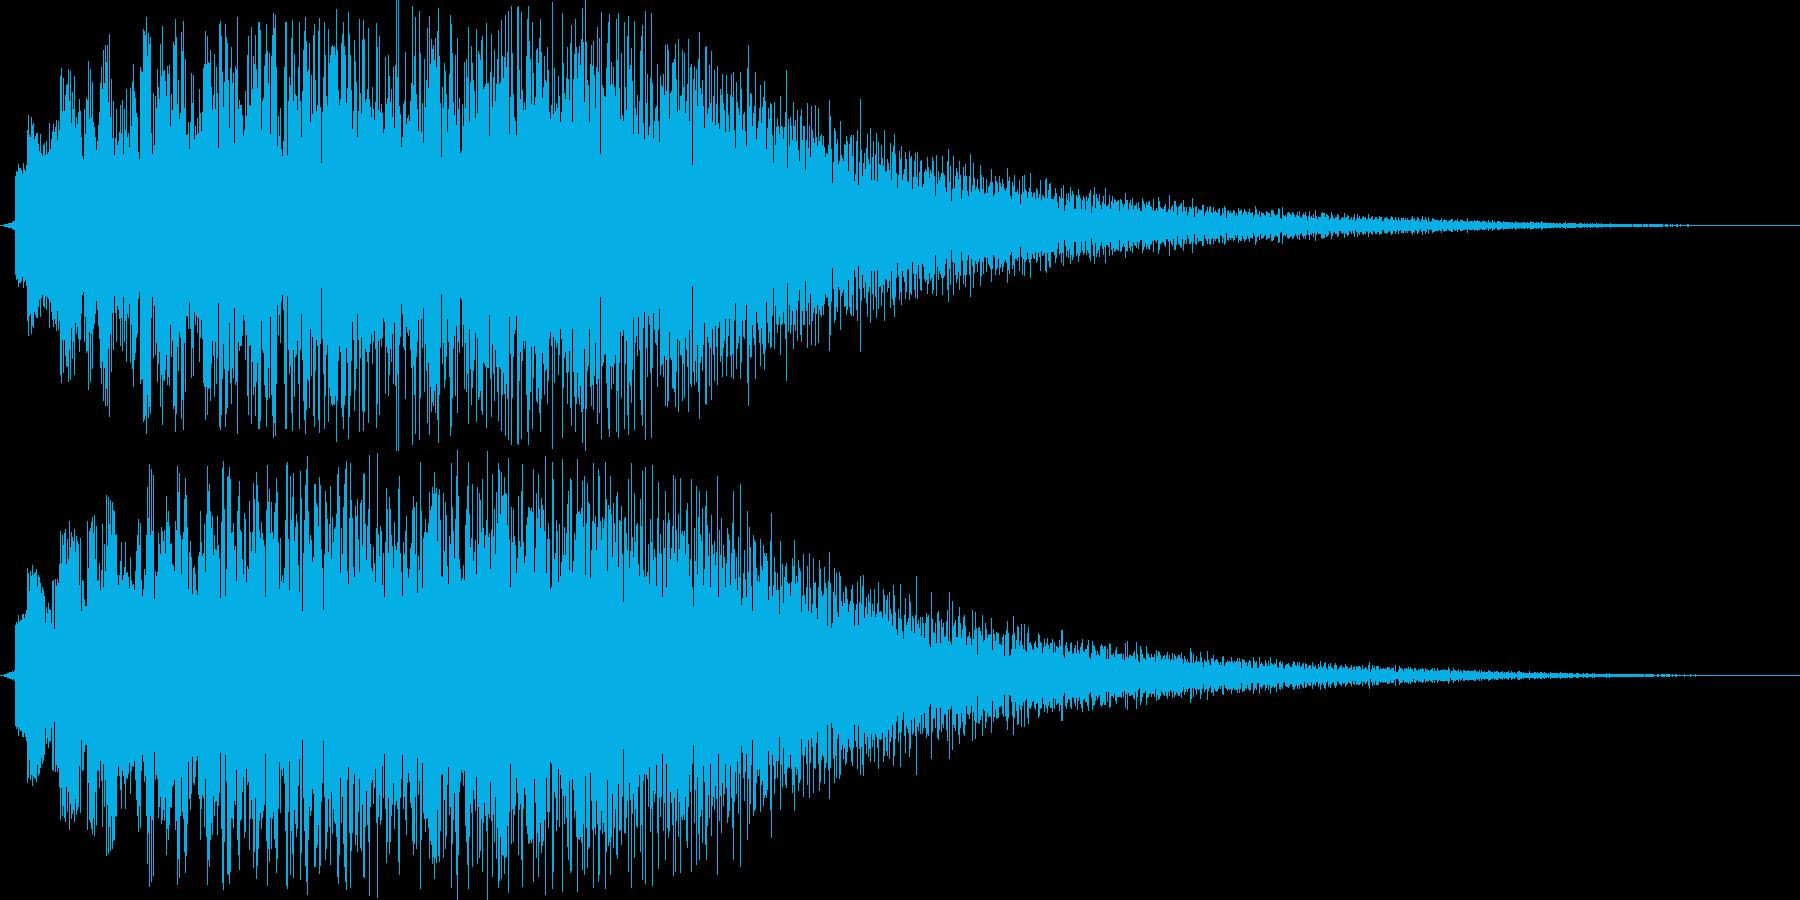 デュラララララララーン(チャイム系)の再生済みの波形